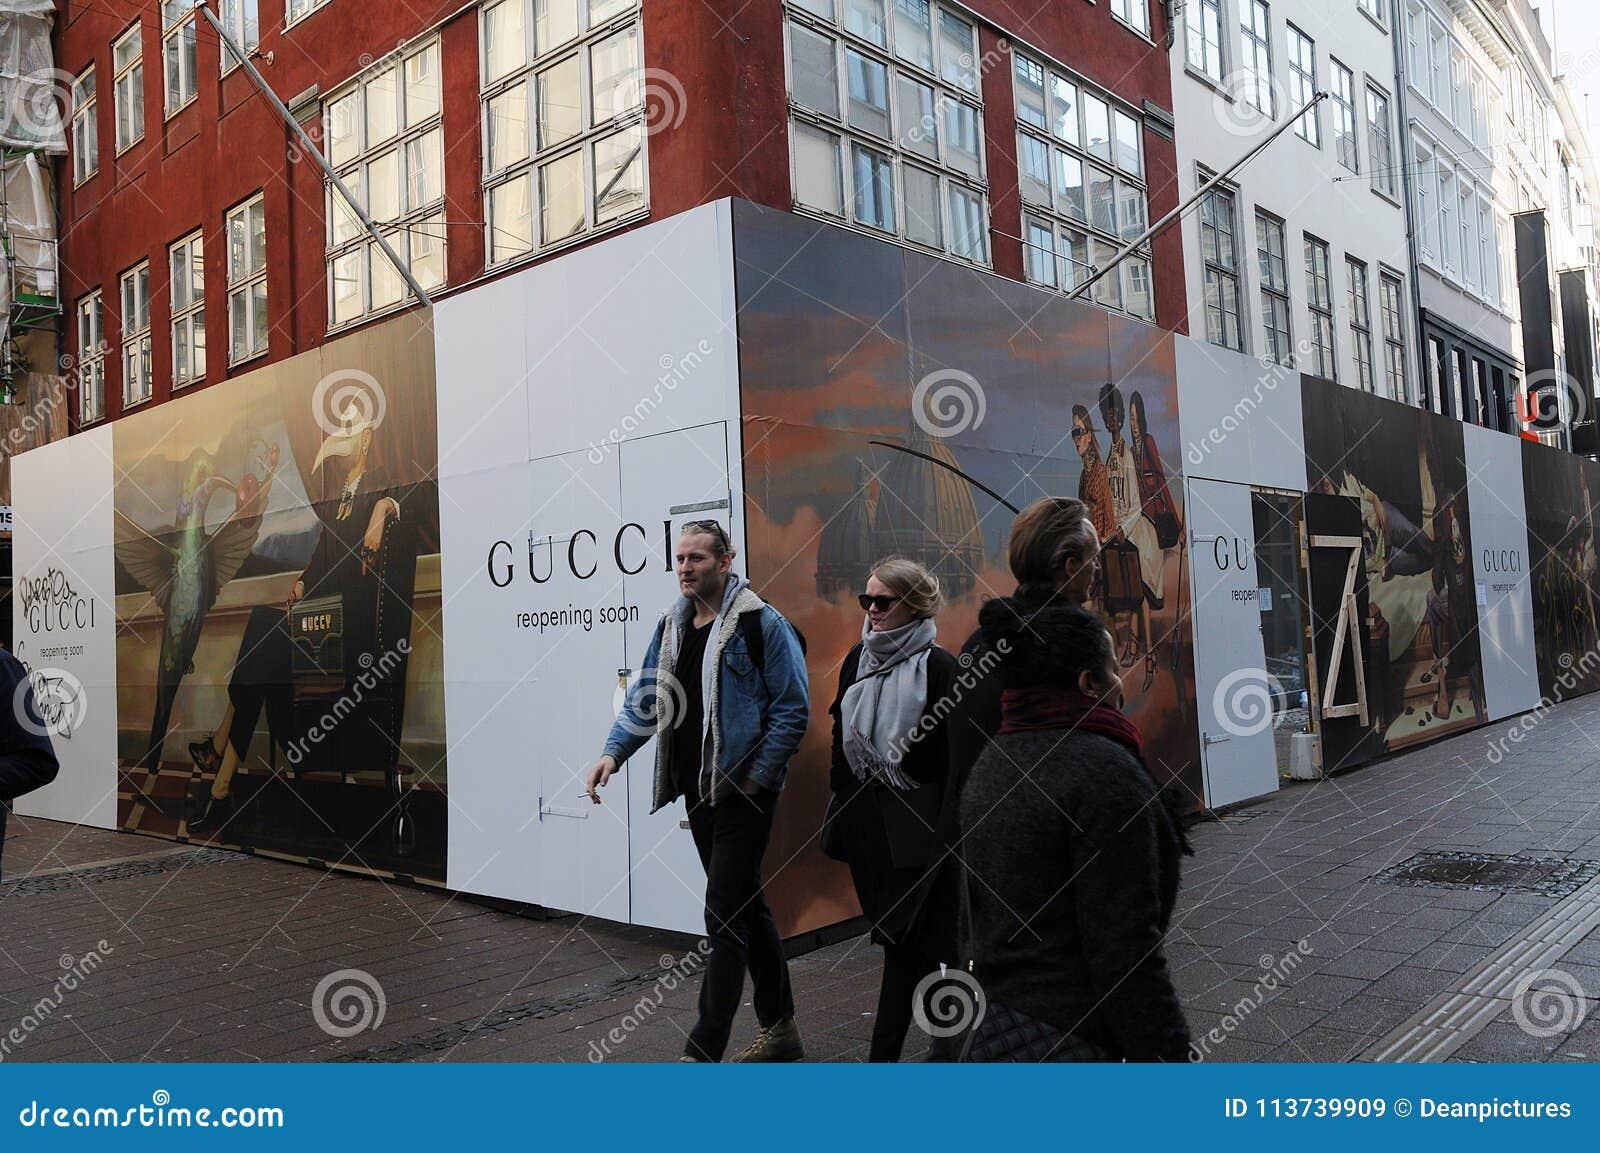 b2ab6a0a2a0 Copenhagen Denmark 04 April 2018 Gucci store under constructions on  stroeget. . Photo.Francis Joseph Dean   Deanpictures.